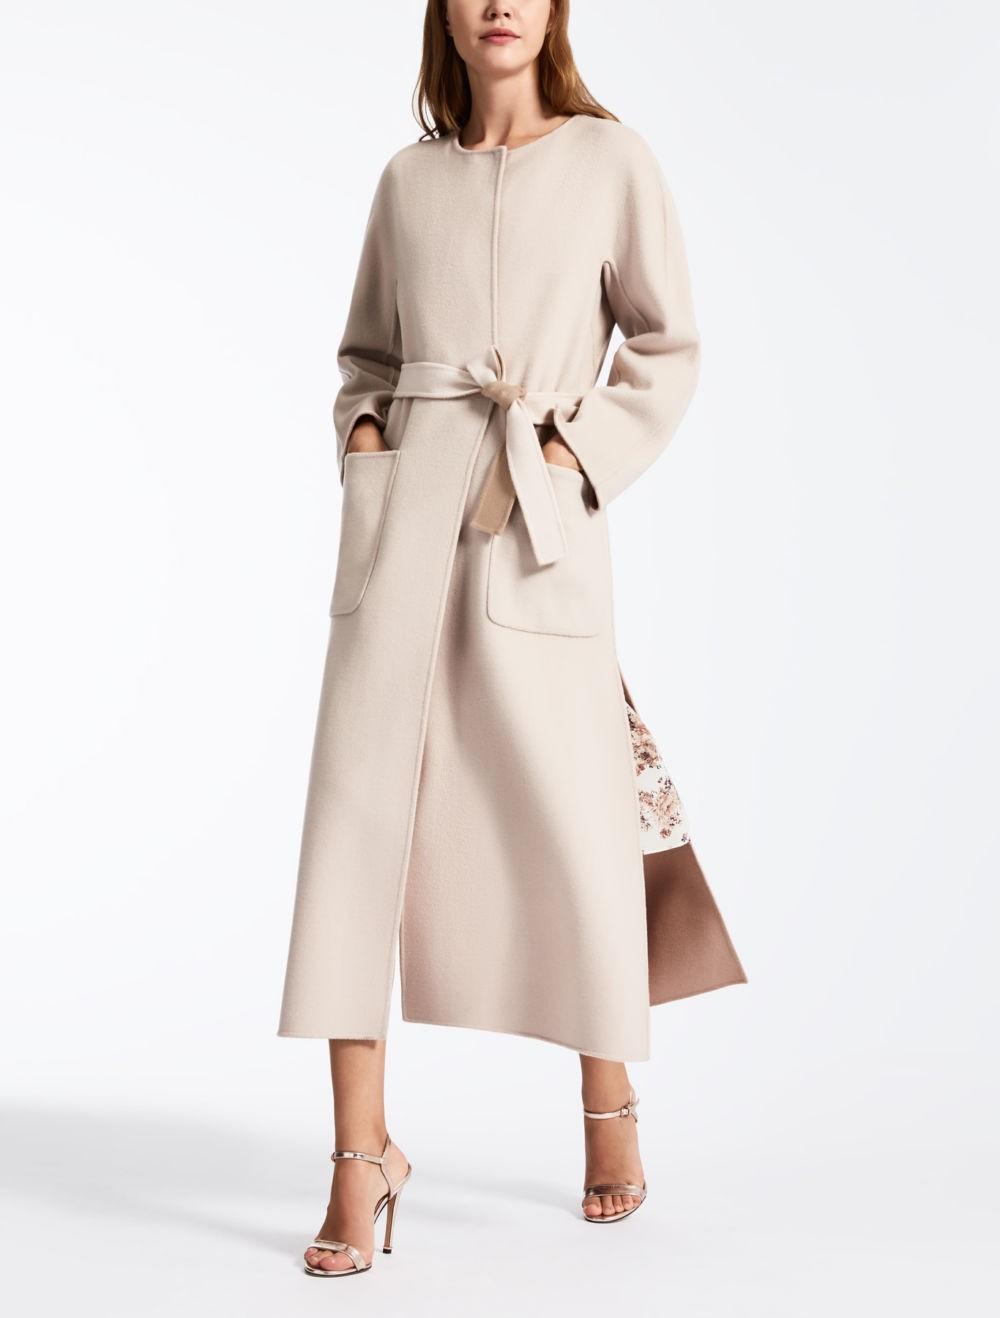 модное пальто осень зима 2018 2019 макси светлое под пояс